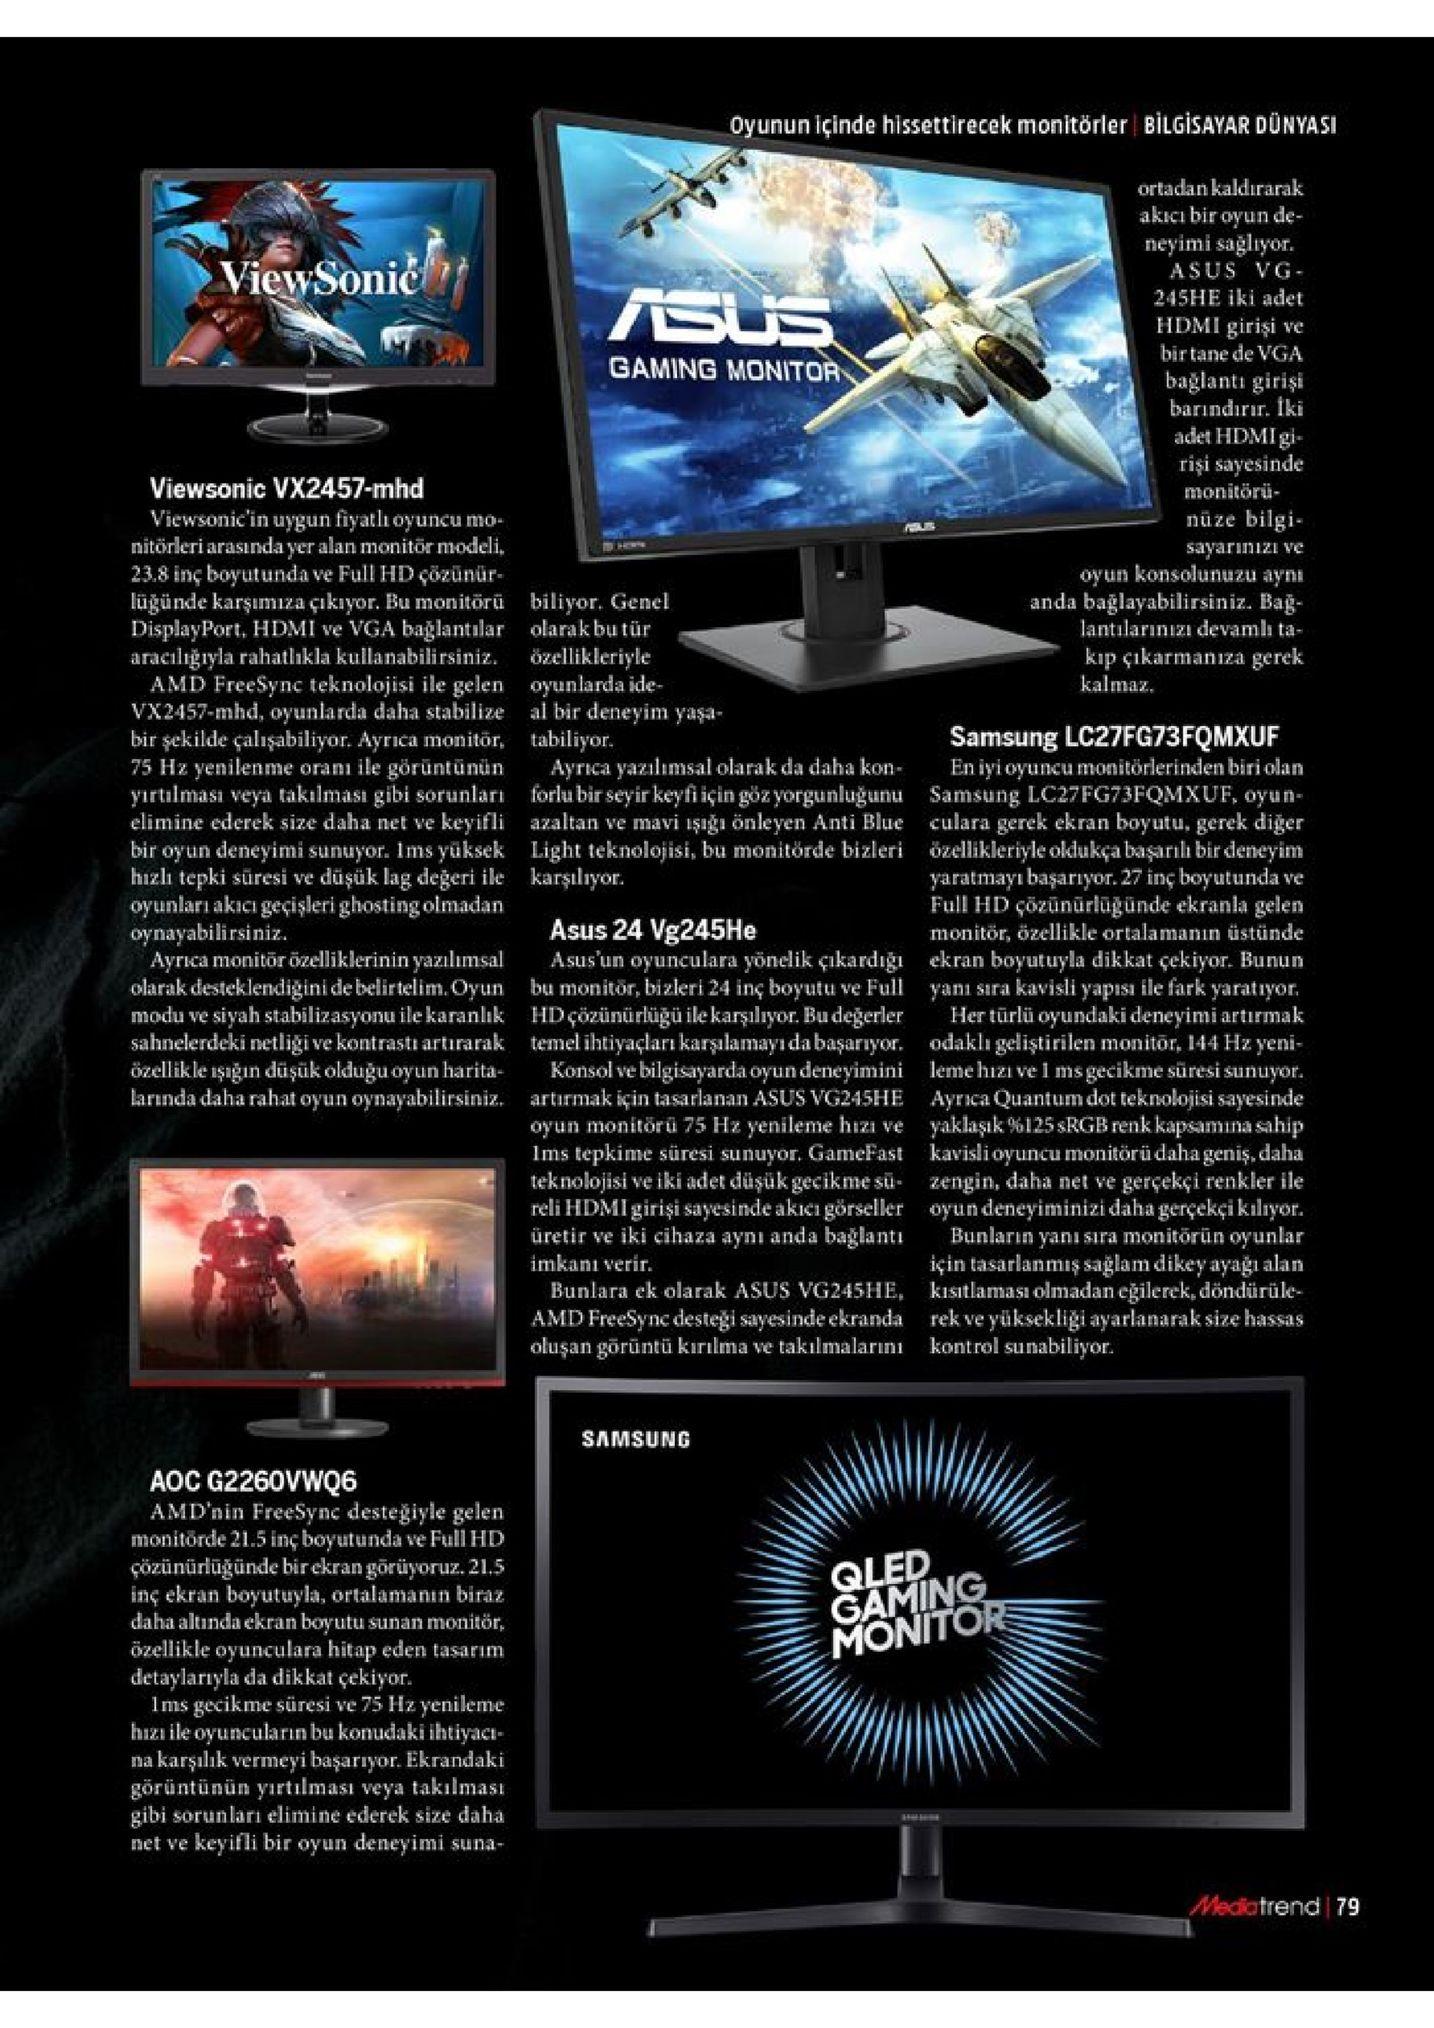 oyunun içinde hissettirecek monitörler bilgisayar dünyasi ortadankaldırarak akicı bir oyun de- neyimi sağliyor asus vg viewsonić 245he iki adet sus hdmi girişi birtane de vga ve gaming monitor bağlanti girişi barindirır. iki adet hdmigi rişi sayesinde monitörü nüze bilgi viewsonic vx2457-mhd viewsonic'in uygun fiyatli oyuncu mo nitörleri arasındayer alan monitor modeli 23.8 inç boyutunda ve full hd çözünür lüğünde karşumiza çıkıyor. bu monitorü displayport, hdmi ve vga bağlantılar araciliğryla rahatlhkla kullanabilirsiniz. amd freesync teknolojisi ile gelen vx2457-mhd, oyunlarda daha stabilize bir şekilde çalışabiliyor. ayrica monitör 75 hz yenilenme oranı ile görüntünün yirtilması veya takılması gibi sorunlar elimine ederek size daha net ve keyifli bir oyun deneyimi sunuyor. ims yüksek hizli tepki süresi ve düşük lag değeri ile karşılıyor. oyunları akıcı geçişleri ghosting olmadan oynayabilirsiniz. ayrca monitör özelliklerinin yazılımsal olarak desteklendigini de belirtelim. oyun modu ve siyah stabilizasyonu ile karanlık sahnelerdeki netliği ve kontrasti artirarak özellikle işğin düşük olduğu oyun harita larnda daha rahat oyun oynayabilirsiniz. sayarinizi ve oyun konsolunuzu aynı anda bağlayabilirsiniz. bağ lantilarınizi devamlı ta biliyor. genel olarak bu tür kip çikarmanza özellikleriyle oyunlarda ide al bir deneyim yaşa- tabiliyor. ayrica yazilimsal olarak da daha kon forlubir seyir keyfi için gözyorgunluğunu samsung lc27fg73fqmxuf, oyun- azaltan ve mavi işığı önleyen anti blue culara gerek ekran boyutu, gerek diger light teknolojisi, bu monitörde bizleri özellikleriyle oldukça başarılı bir deneyim gerek kalmaz samsung lc27fg73fqmxuf en iyi oyuncu monitörlerinden biri olan yaratmayı başarıyor. 27 inç boyutunda ve full hd çözünürlügünde ekranla gelen monitör, özellikle ortalamanın üstünde asus 24 vg245he asus'un oyunculara yönelik çıkardığı bu monitor, bizleri 24 inç boyutu ve full hdçözünürlüğü ile karşılıyor. bu değerler temel ihtiyaçları karşılamayıdabaşarıyor